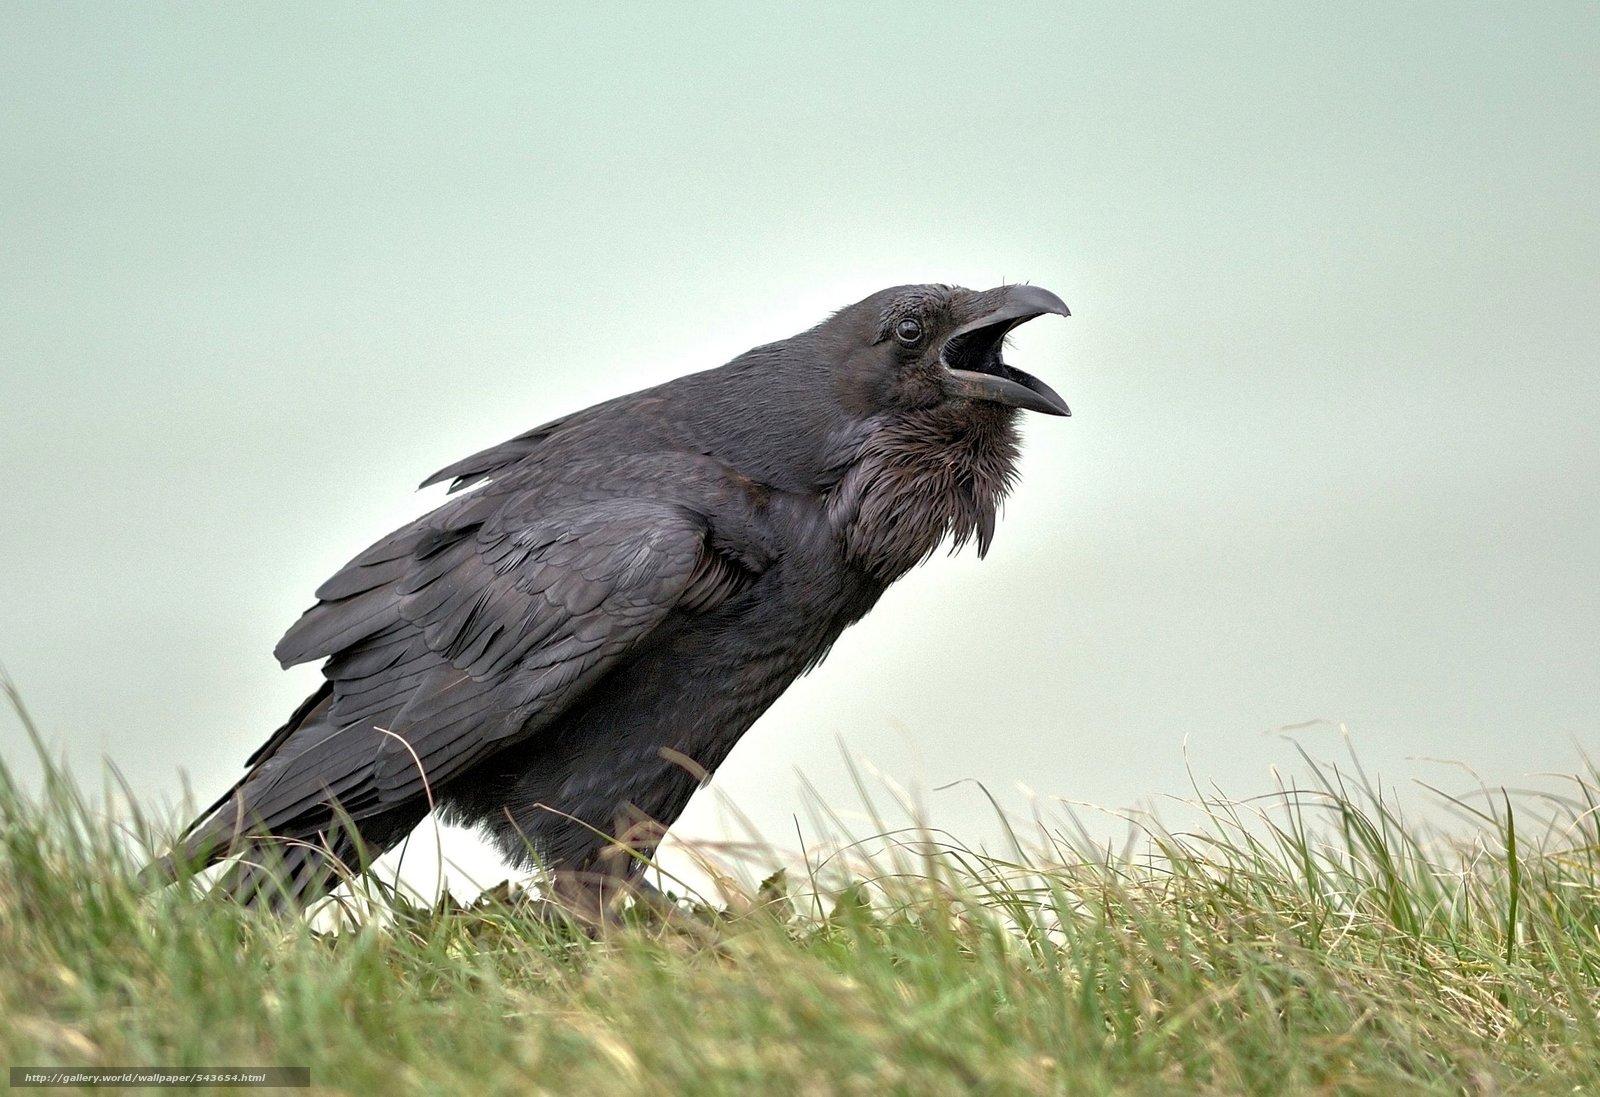 scaricare gli sfondi Raven,  cornacchia,  raven,  Seaford Sfondi gratis per la risoluzione del desktop 2752x1887 — immagine №543654